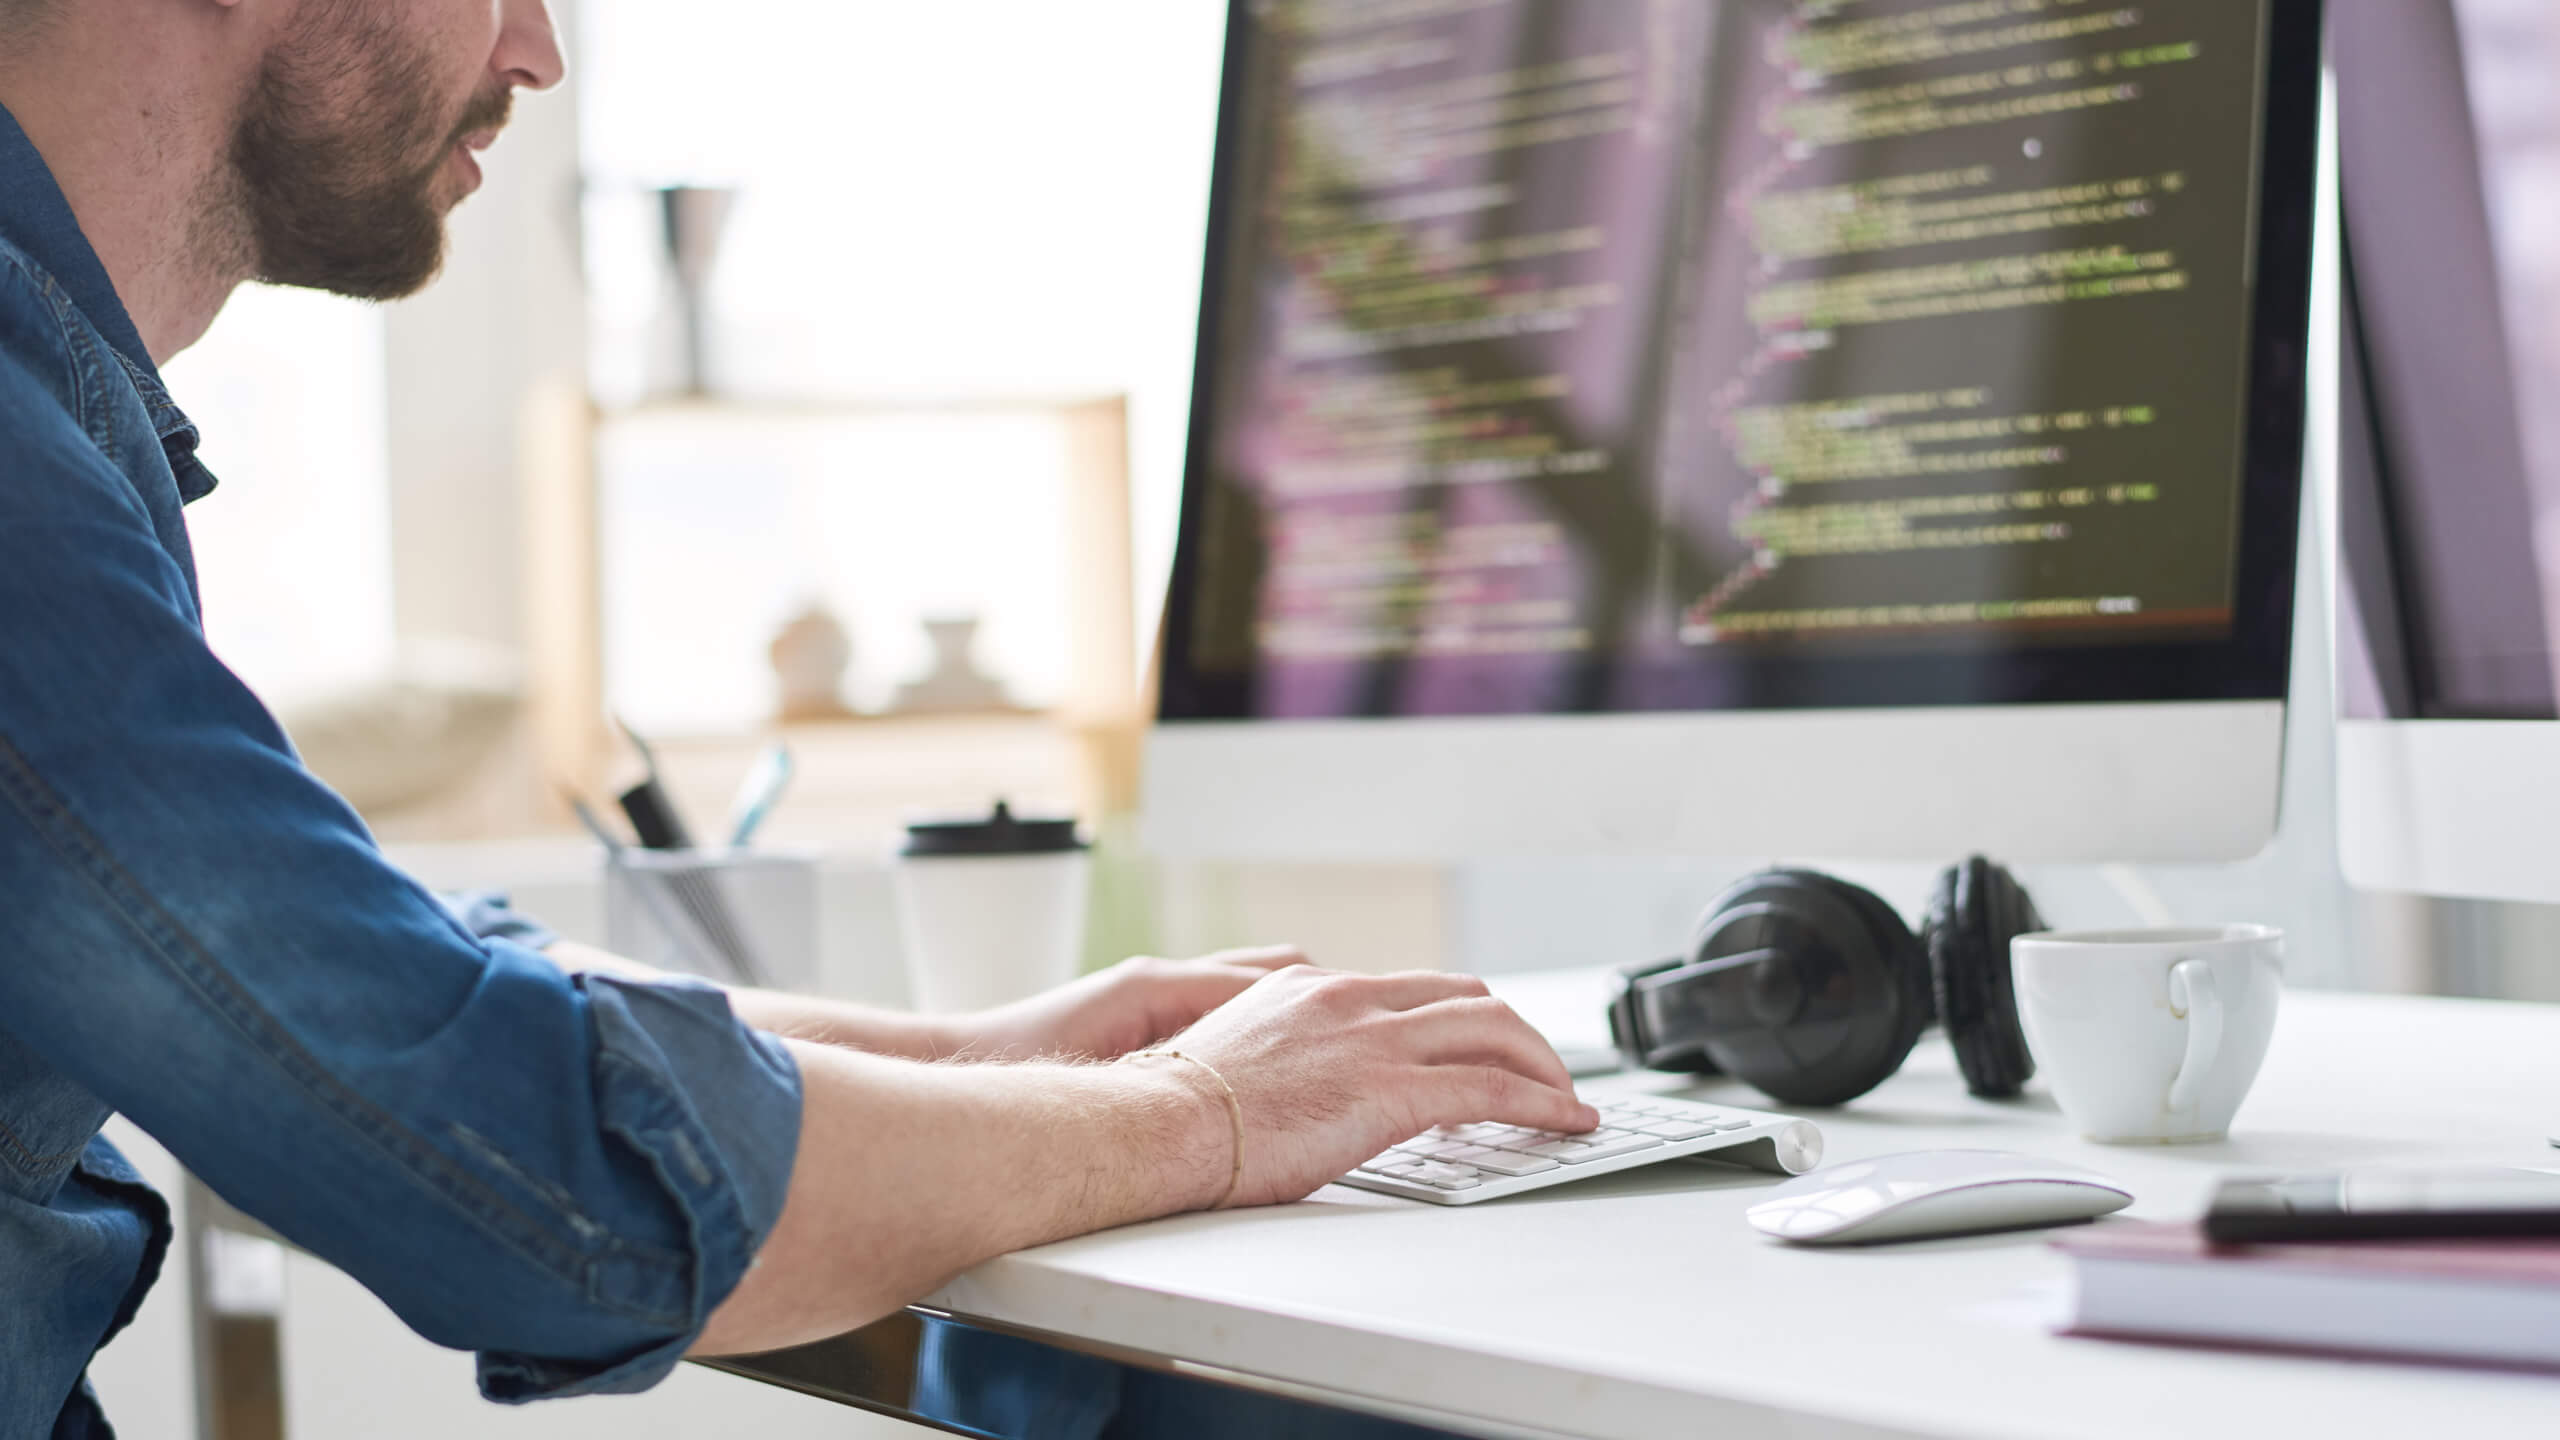 Custom website design with Strategic Marketing, Inc. - Digital web agency based in Portland, Oregon